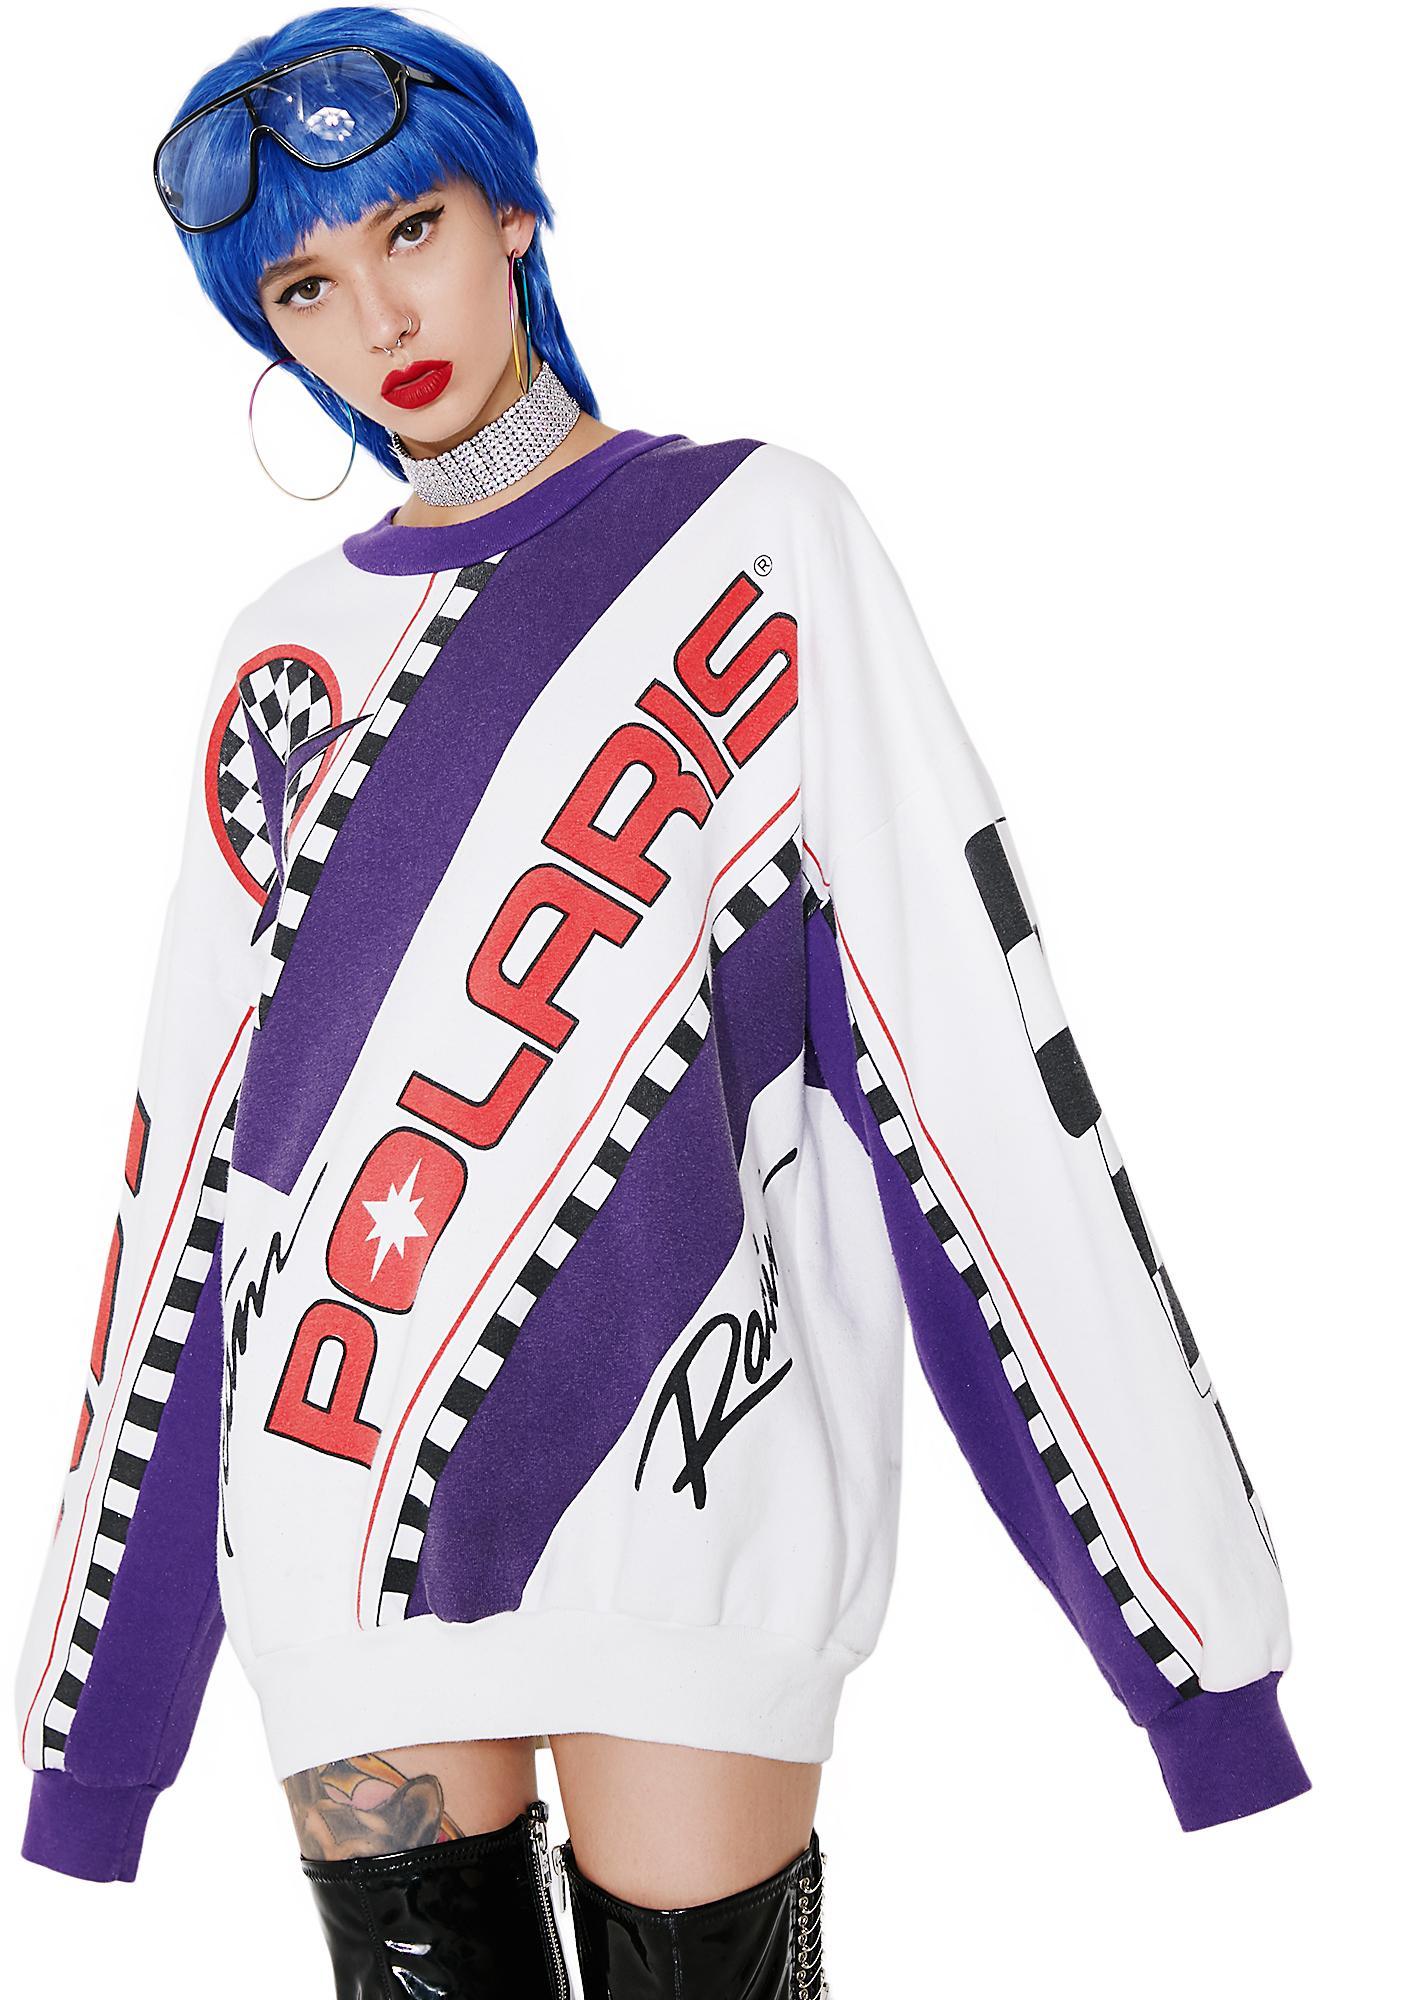 Vintage Team Polaris Sweatshirt